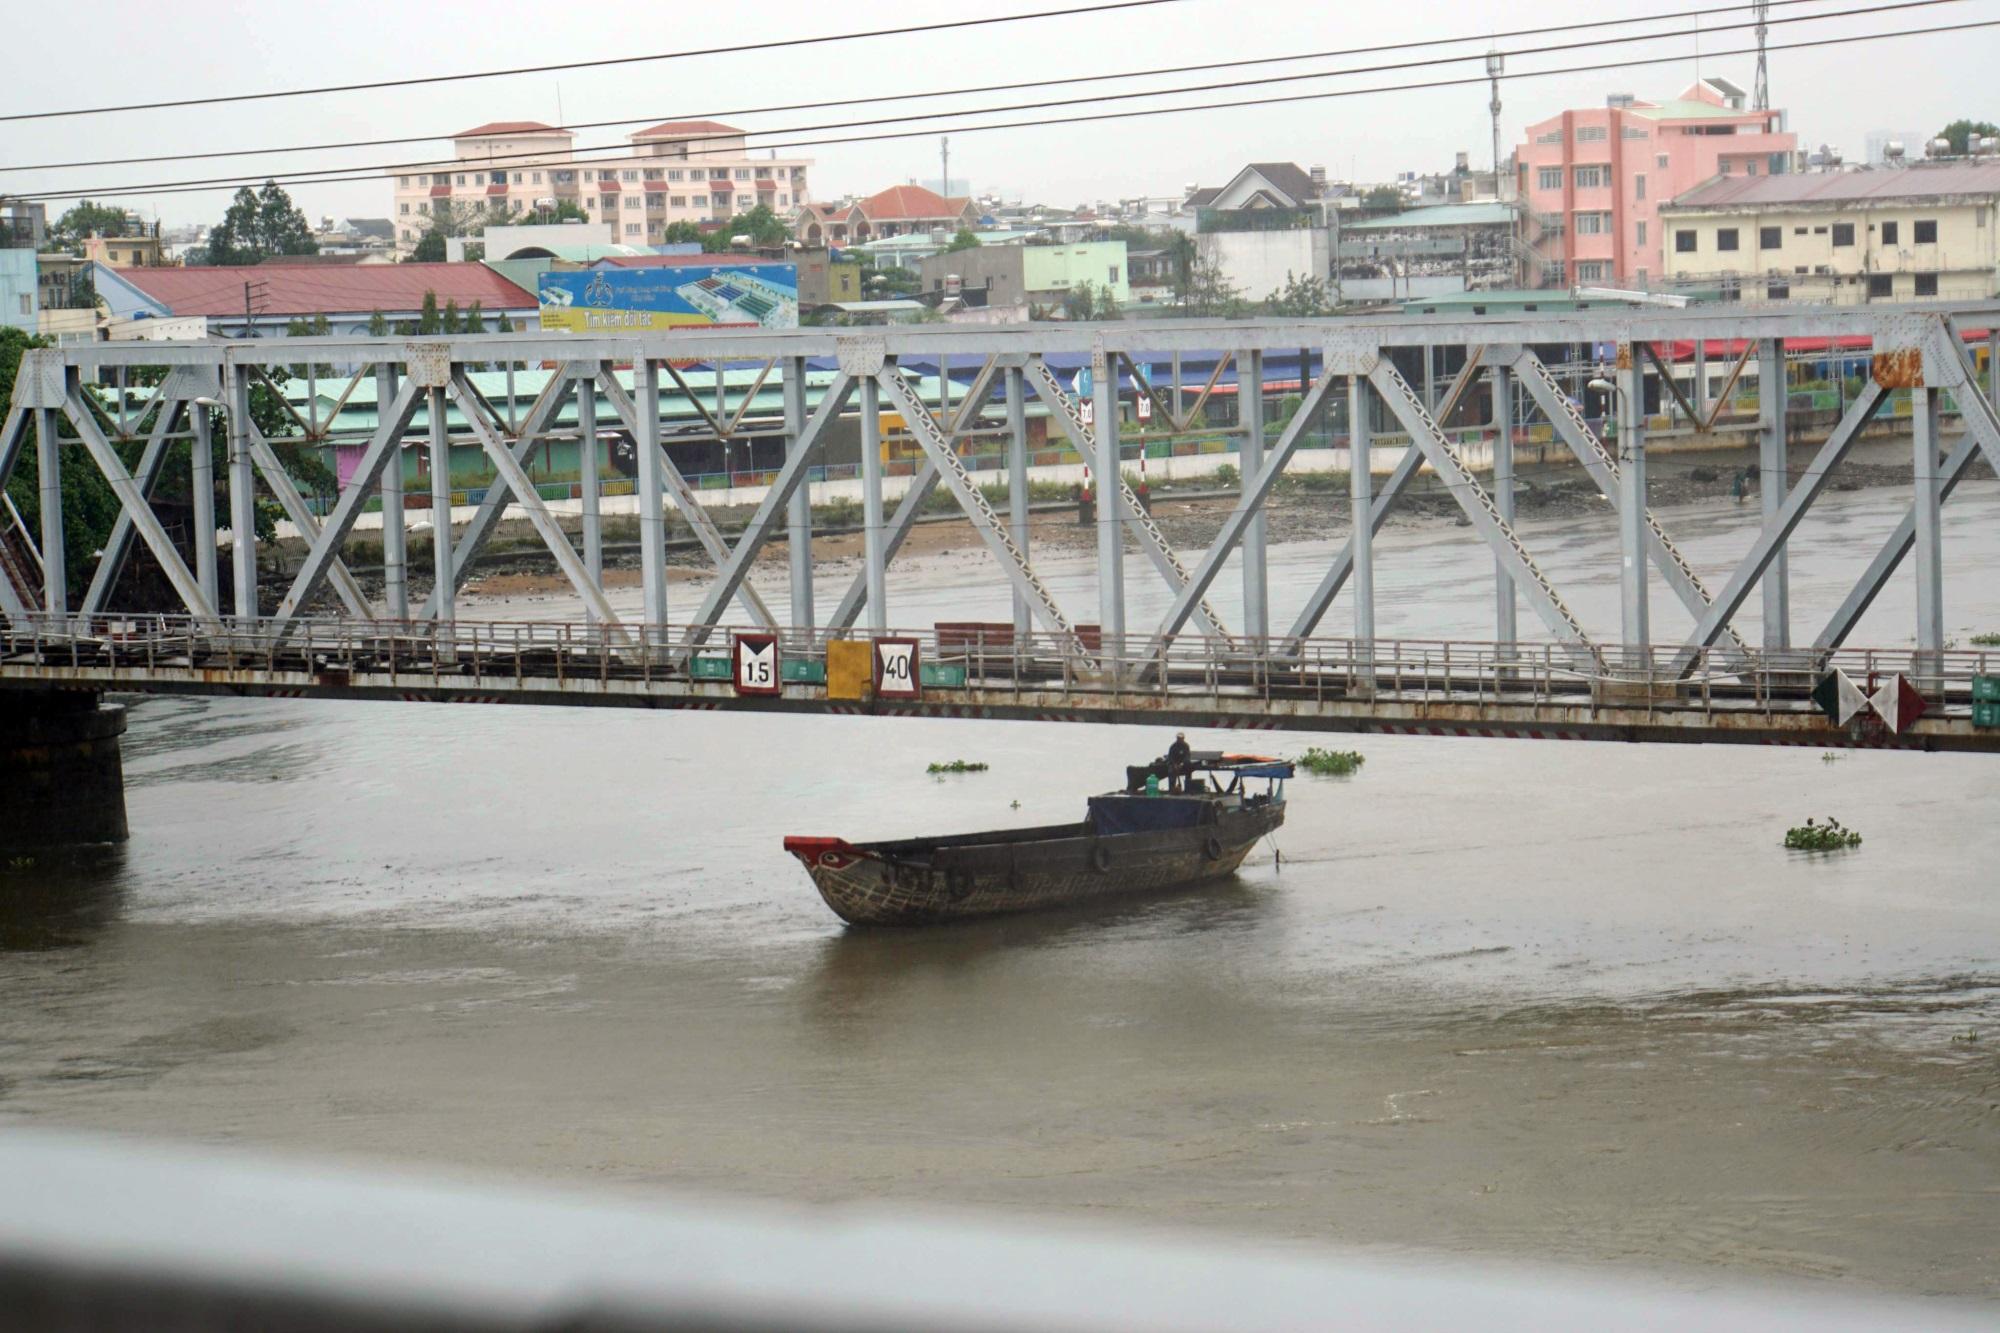 Sài Gòn mưa như trút nước, du khách thoải mái dạo mưa chụp ảnh - Ảnh 10